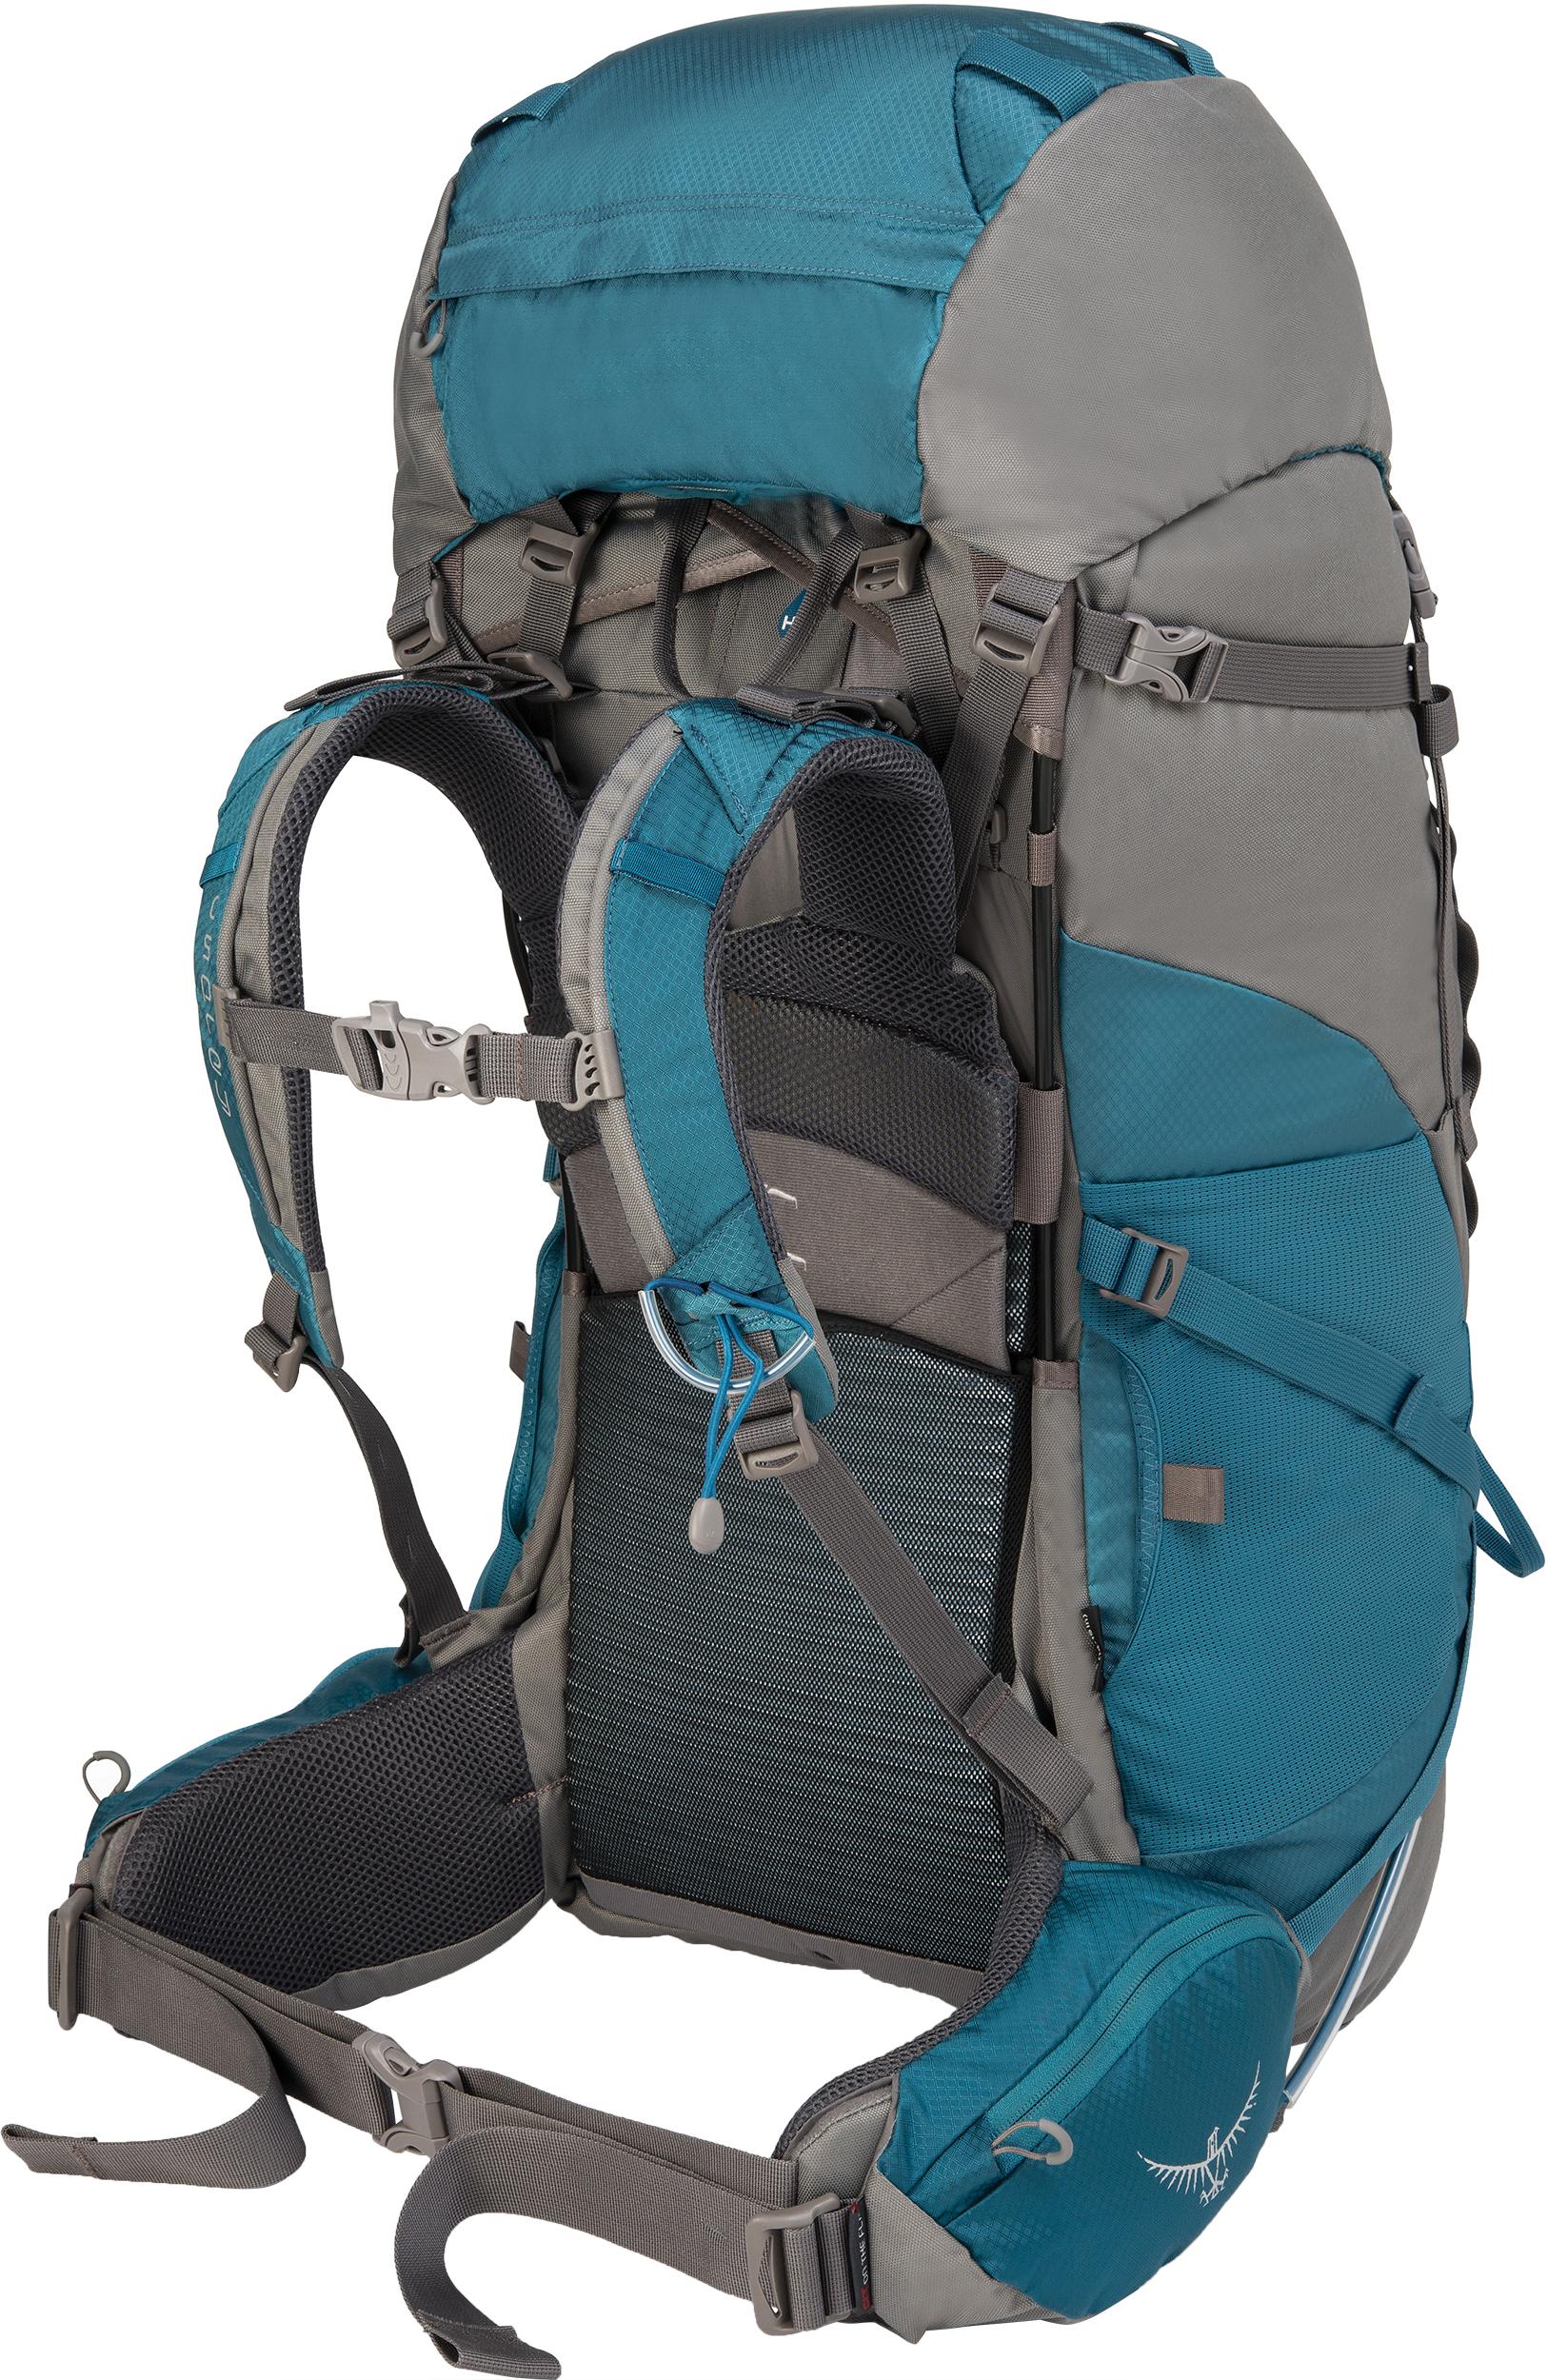 8b7782339077 Osprey Viva 65 Backpack - Women s